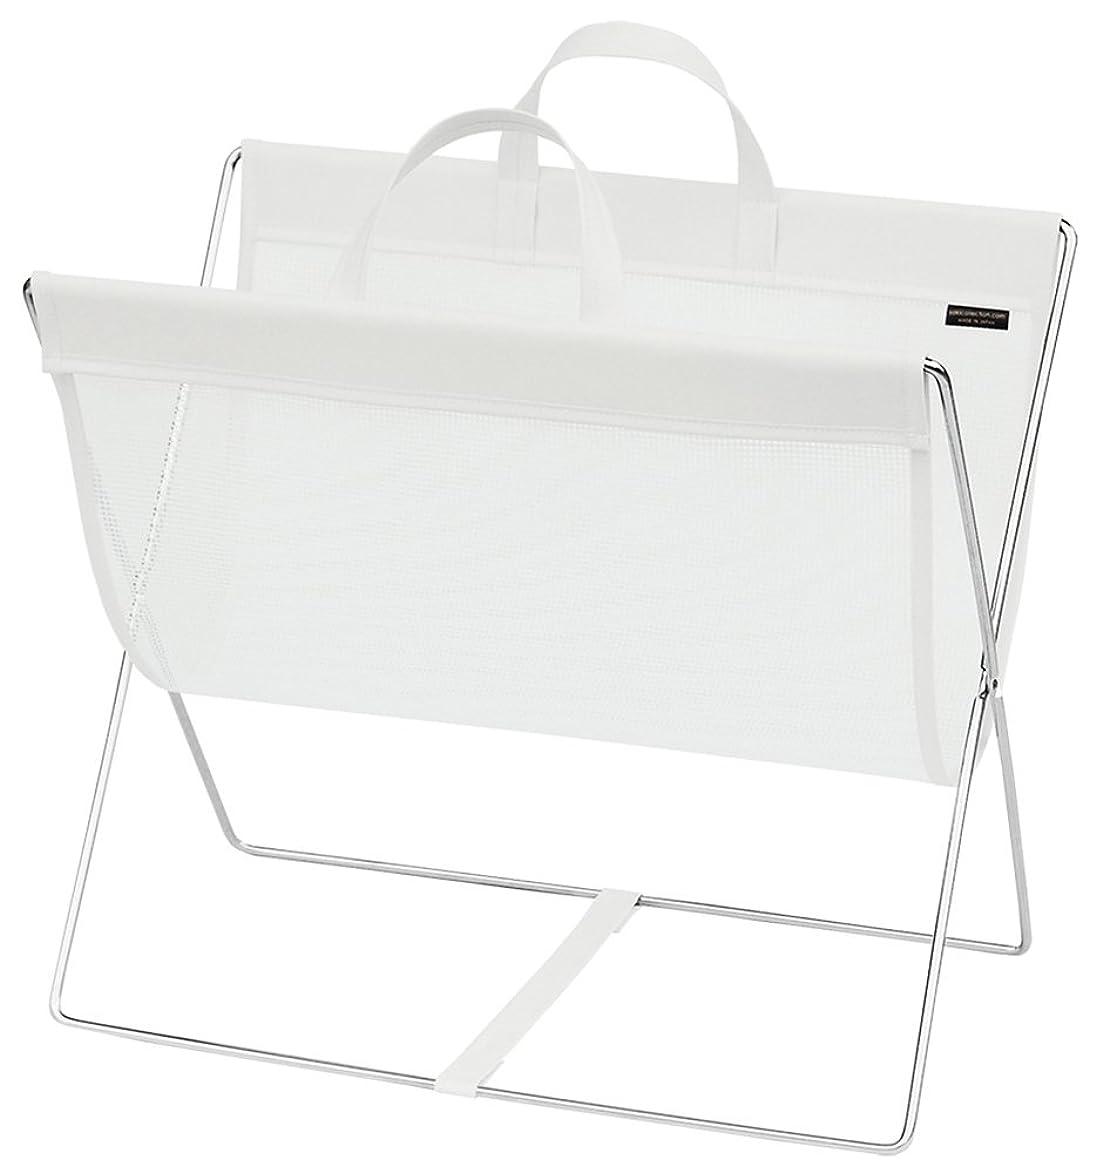 積分ラベ混合サキ 手荷物入れ セルフワゴン メッシュ×レザー調 PVC ホワイト R-358